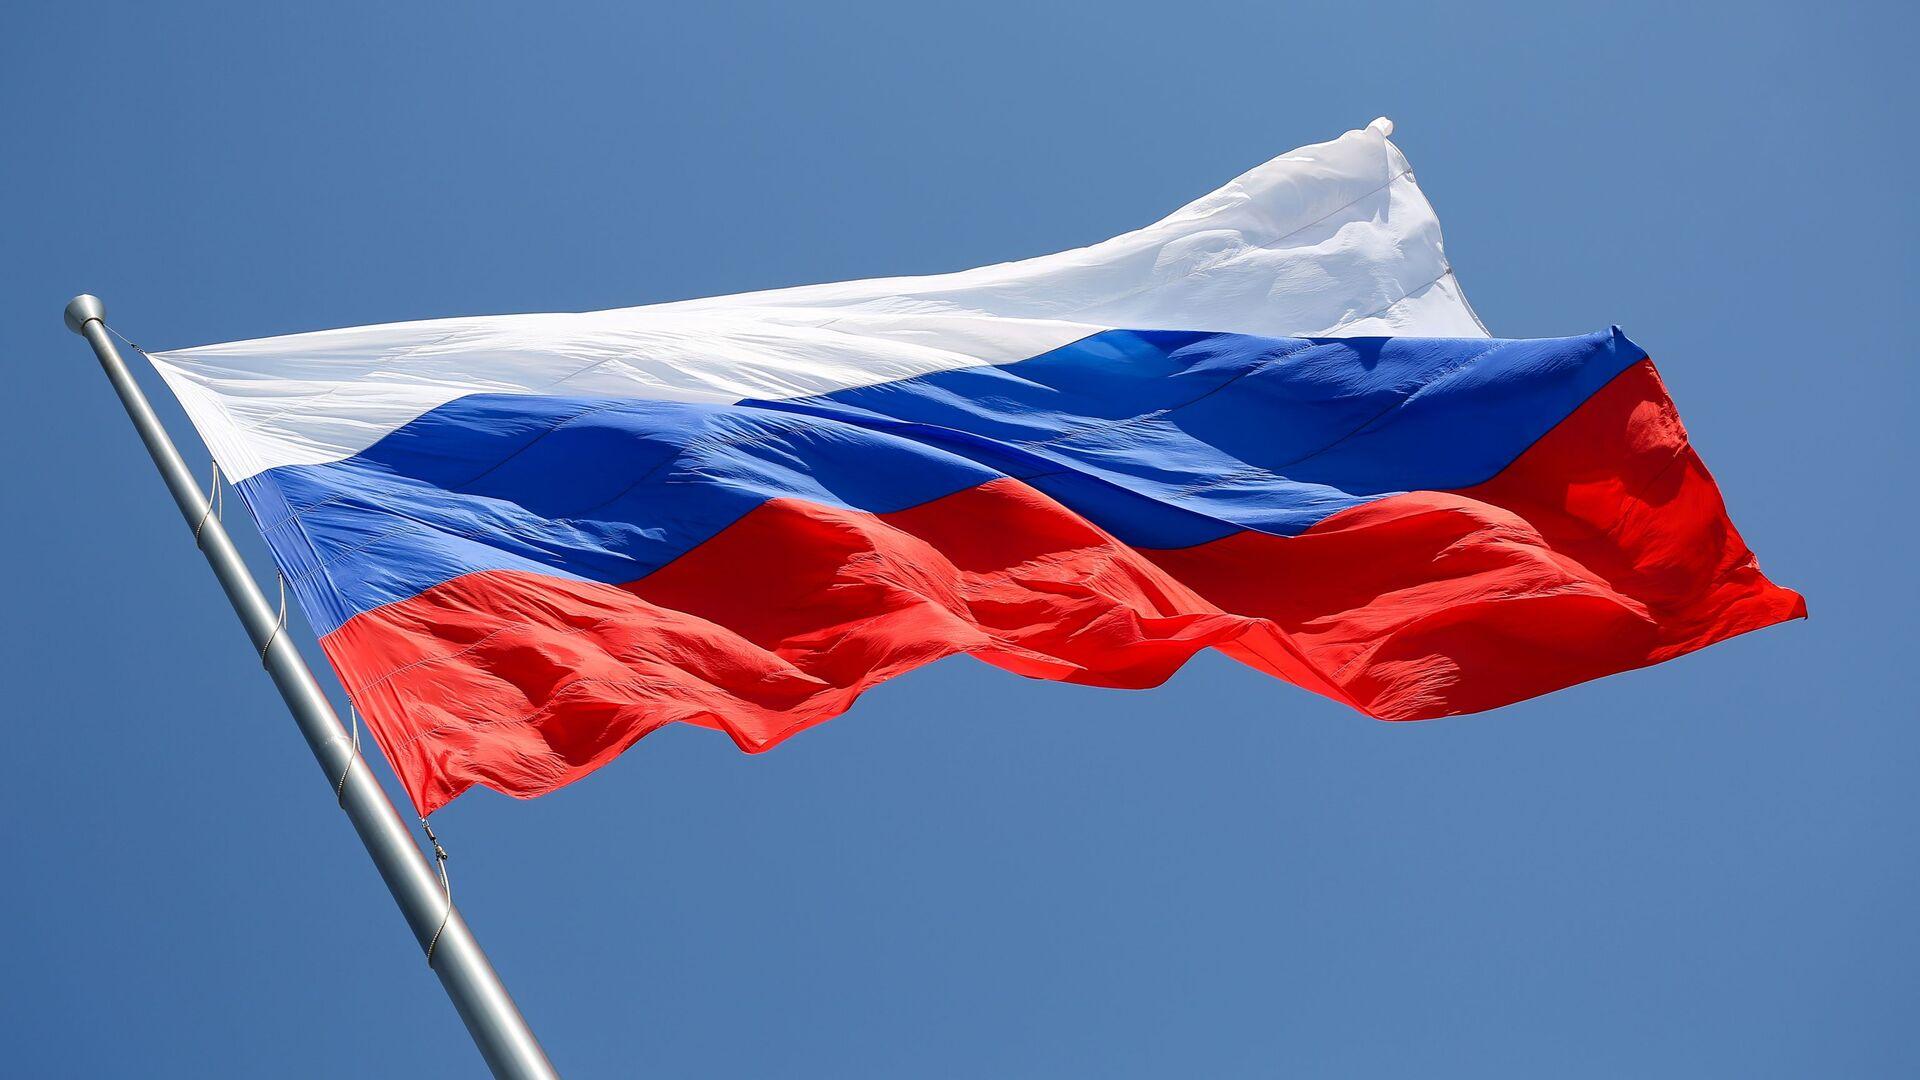 La bandera de la Federación de Rusia  - Sputnik Mundo, 1920, 10.08.2021